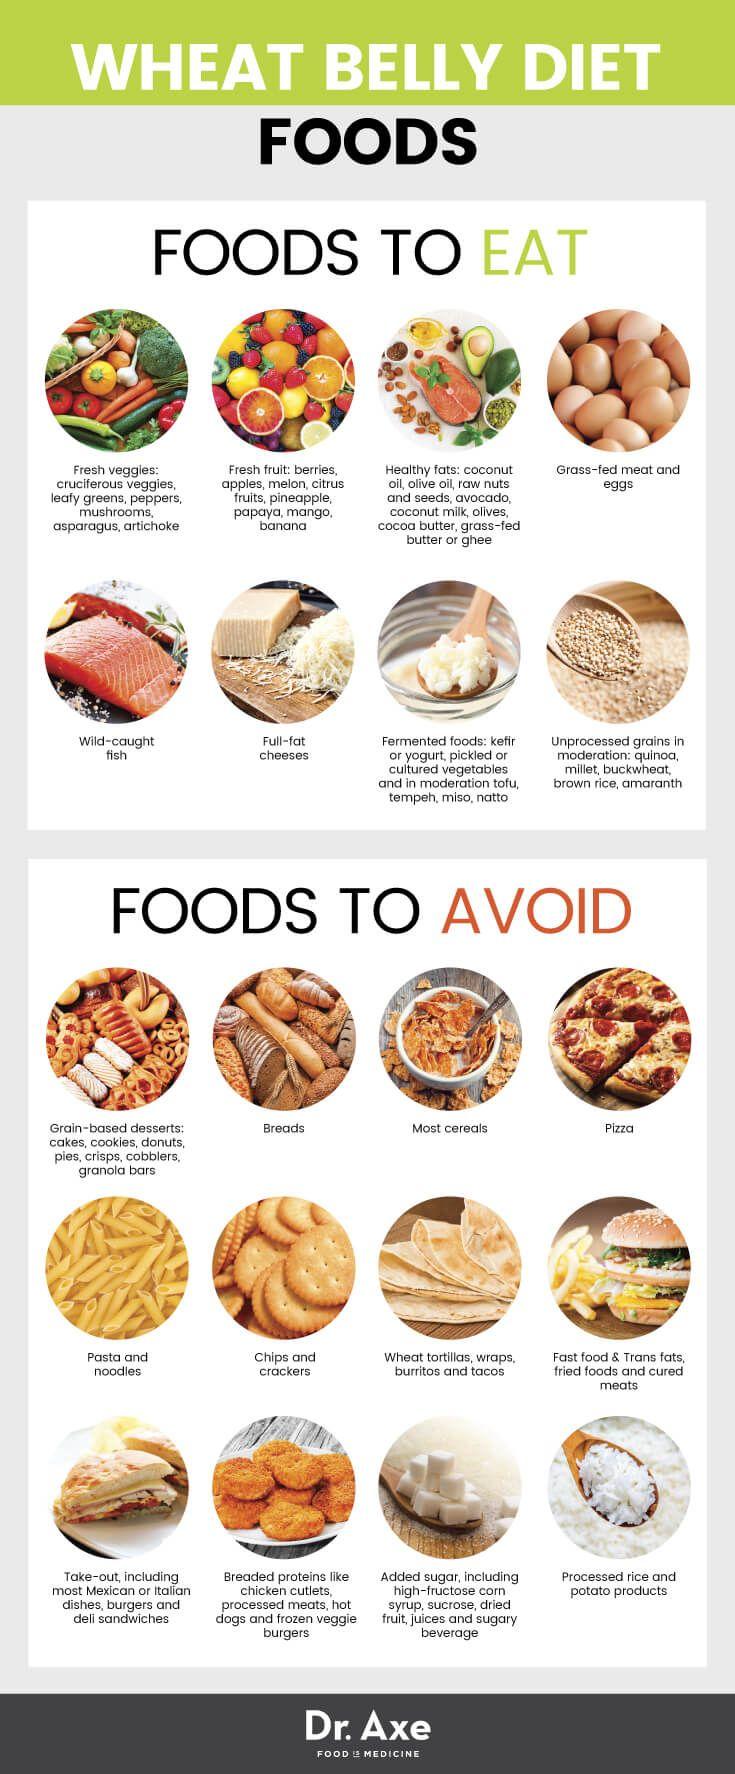 Endometriosis diet: Foods to eat and avoid